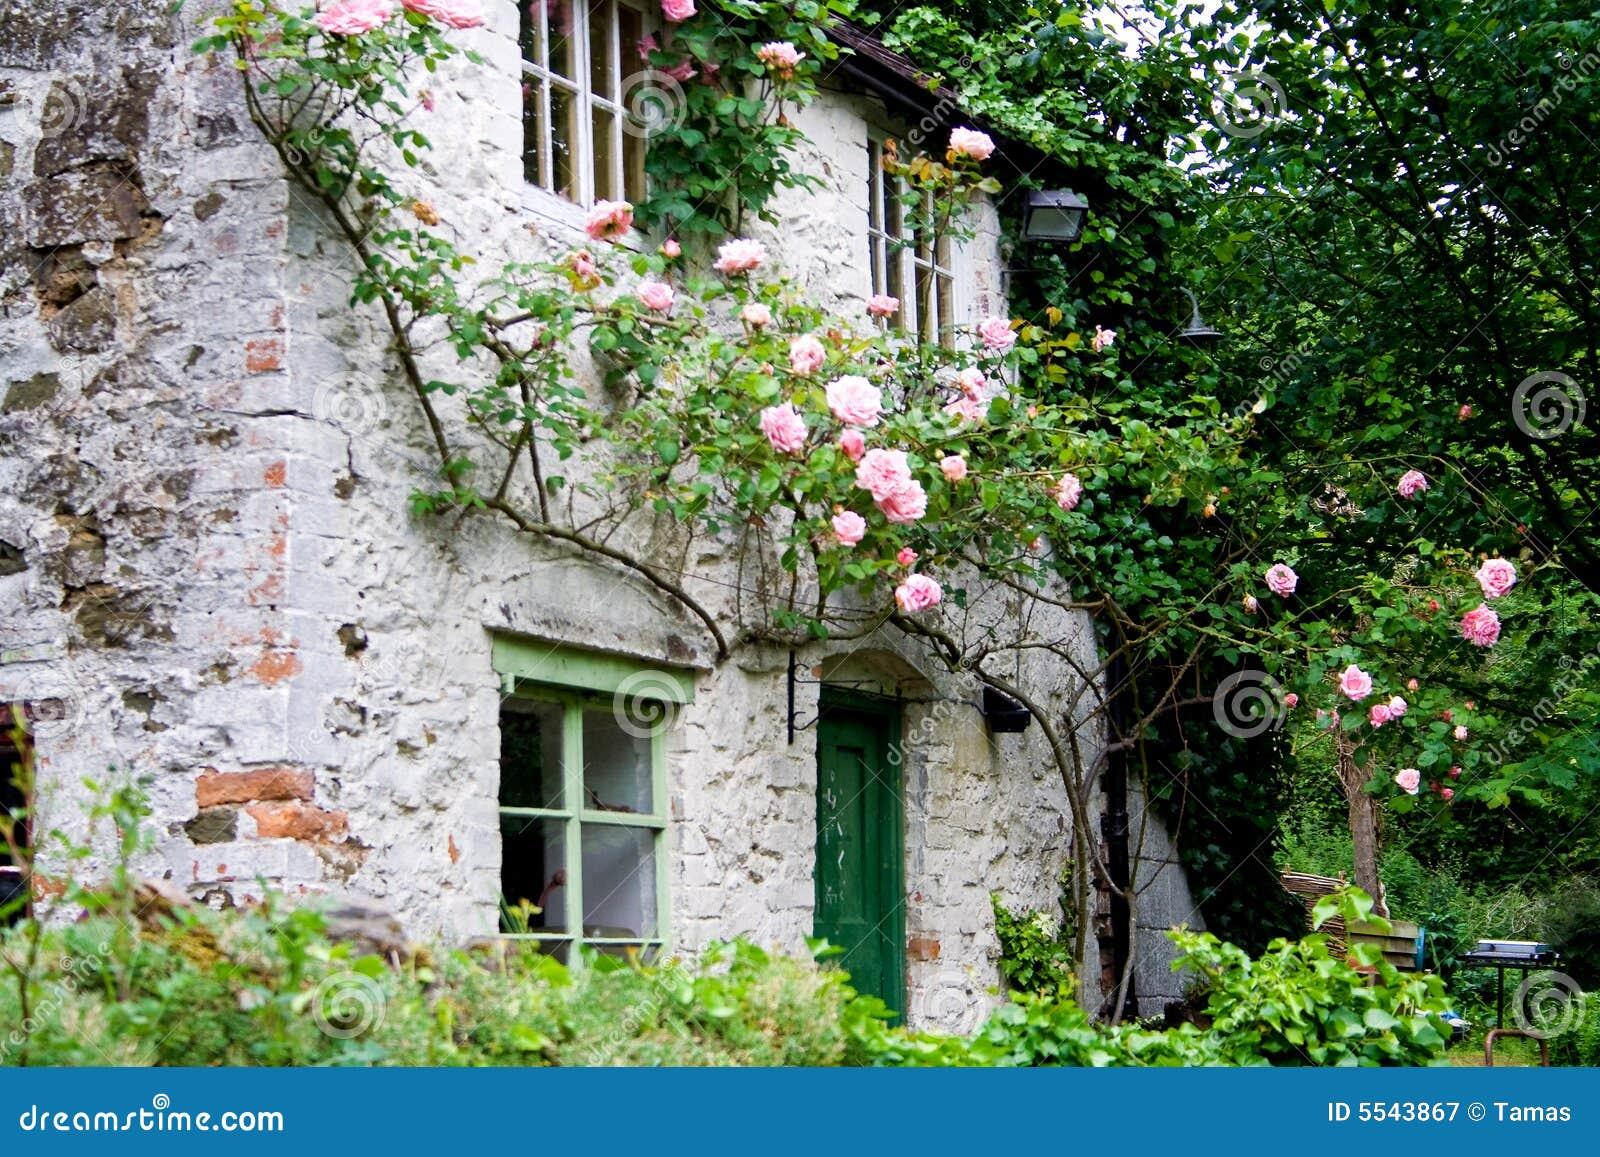 romantisches haus mit rosen stockbild bild 5543867. Black Bedroom Furniture Sets. Home Design Ideas